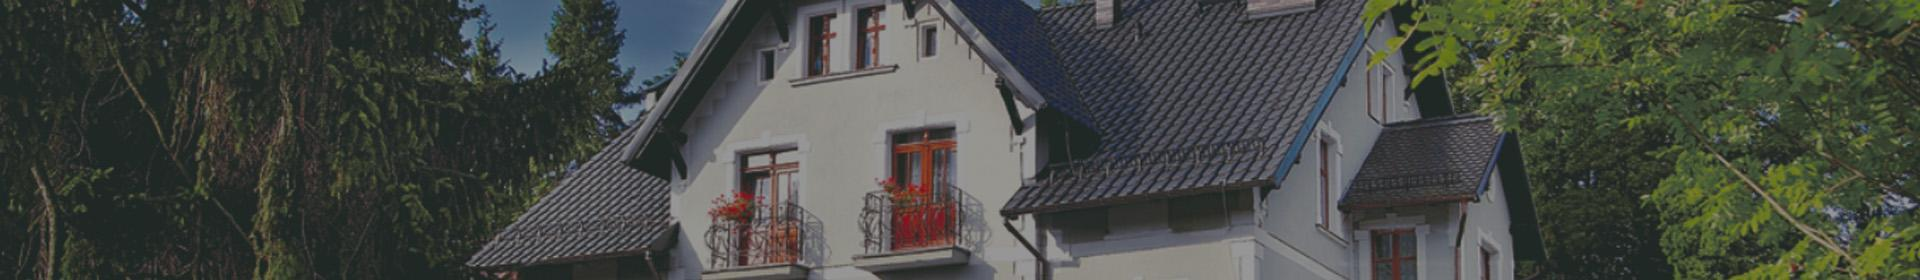 baner z domkiem 2